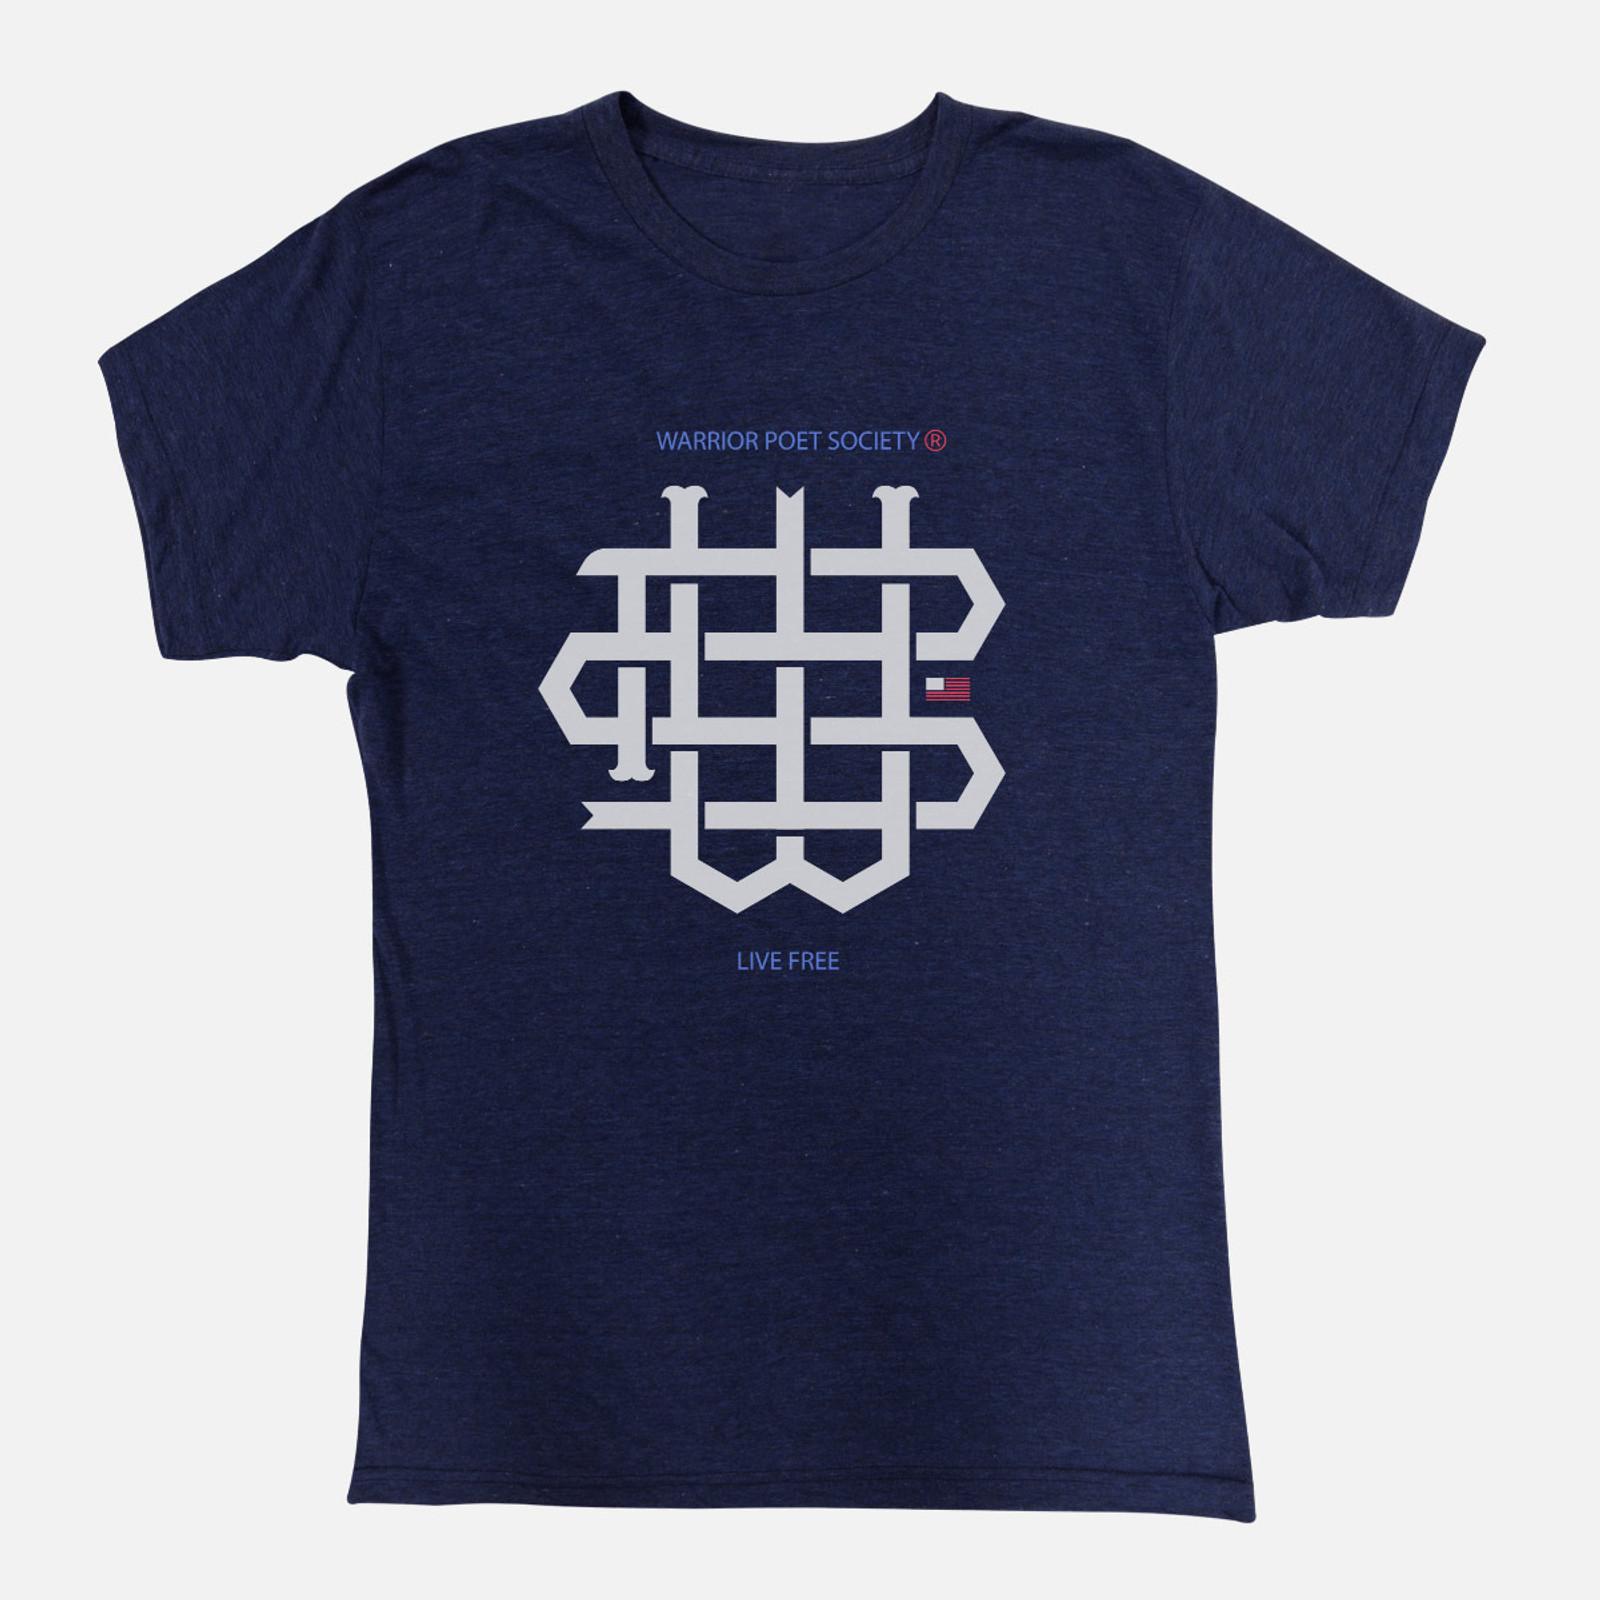 WPS Monogram T-Shirt - Navy/White